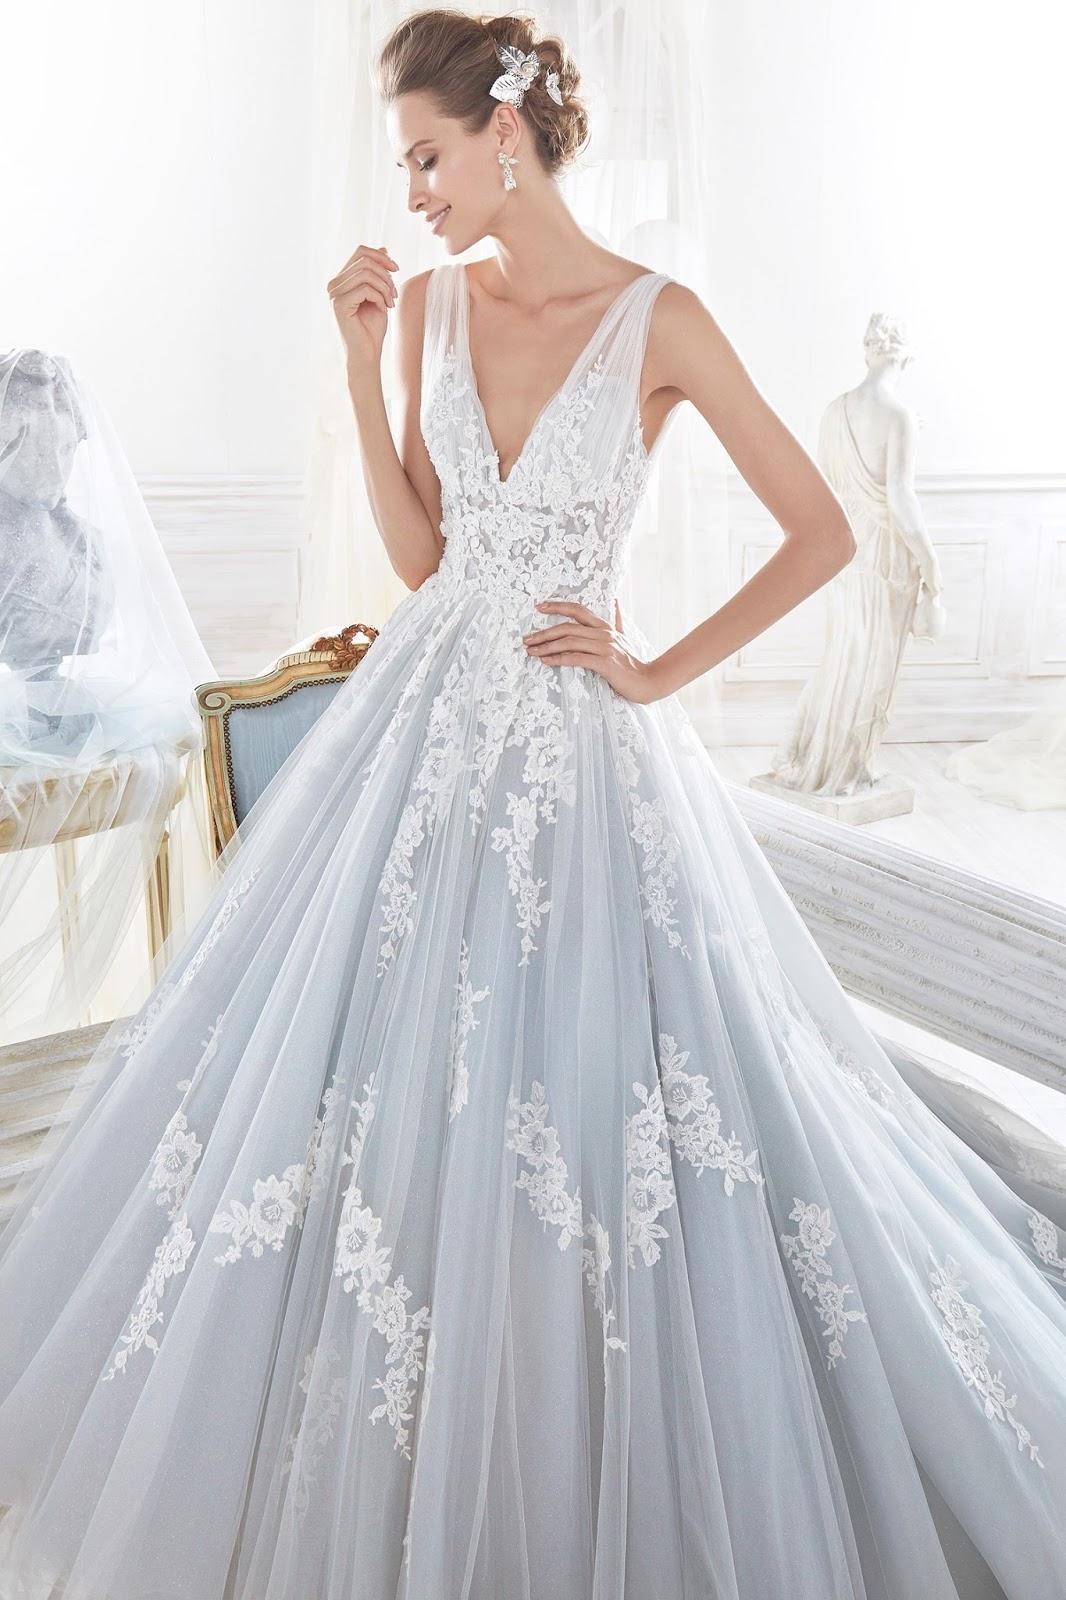 Vestiti Da Sposa Tiffany.Abiti Da Sposa Come Cenerentola Con Nicole Spose